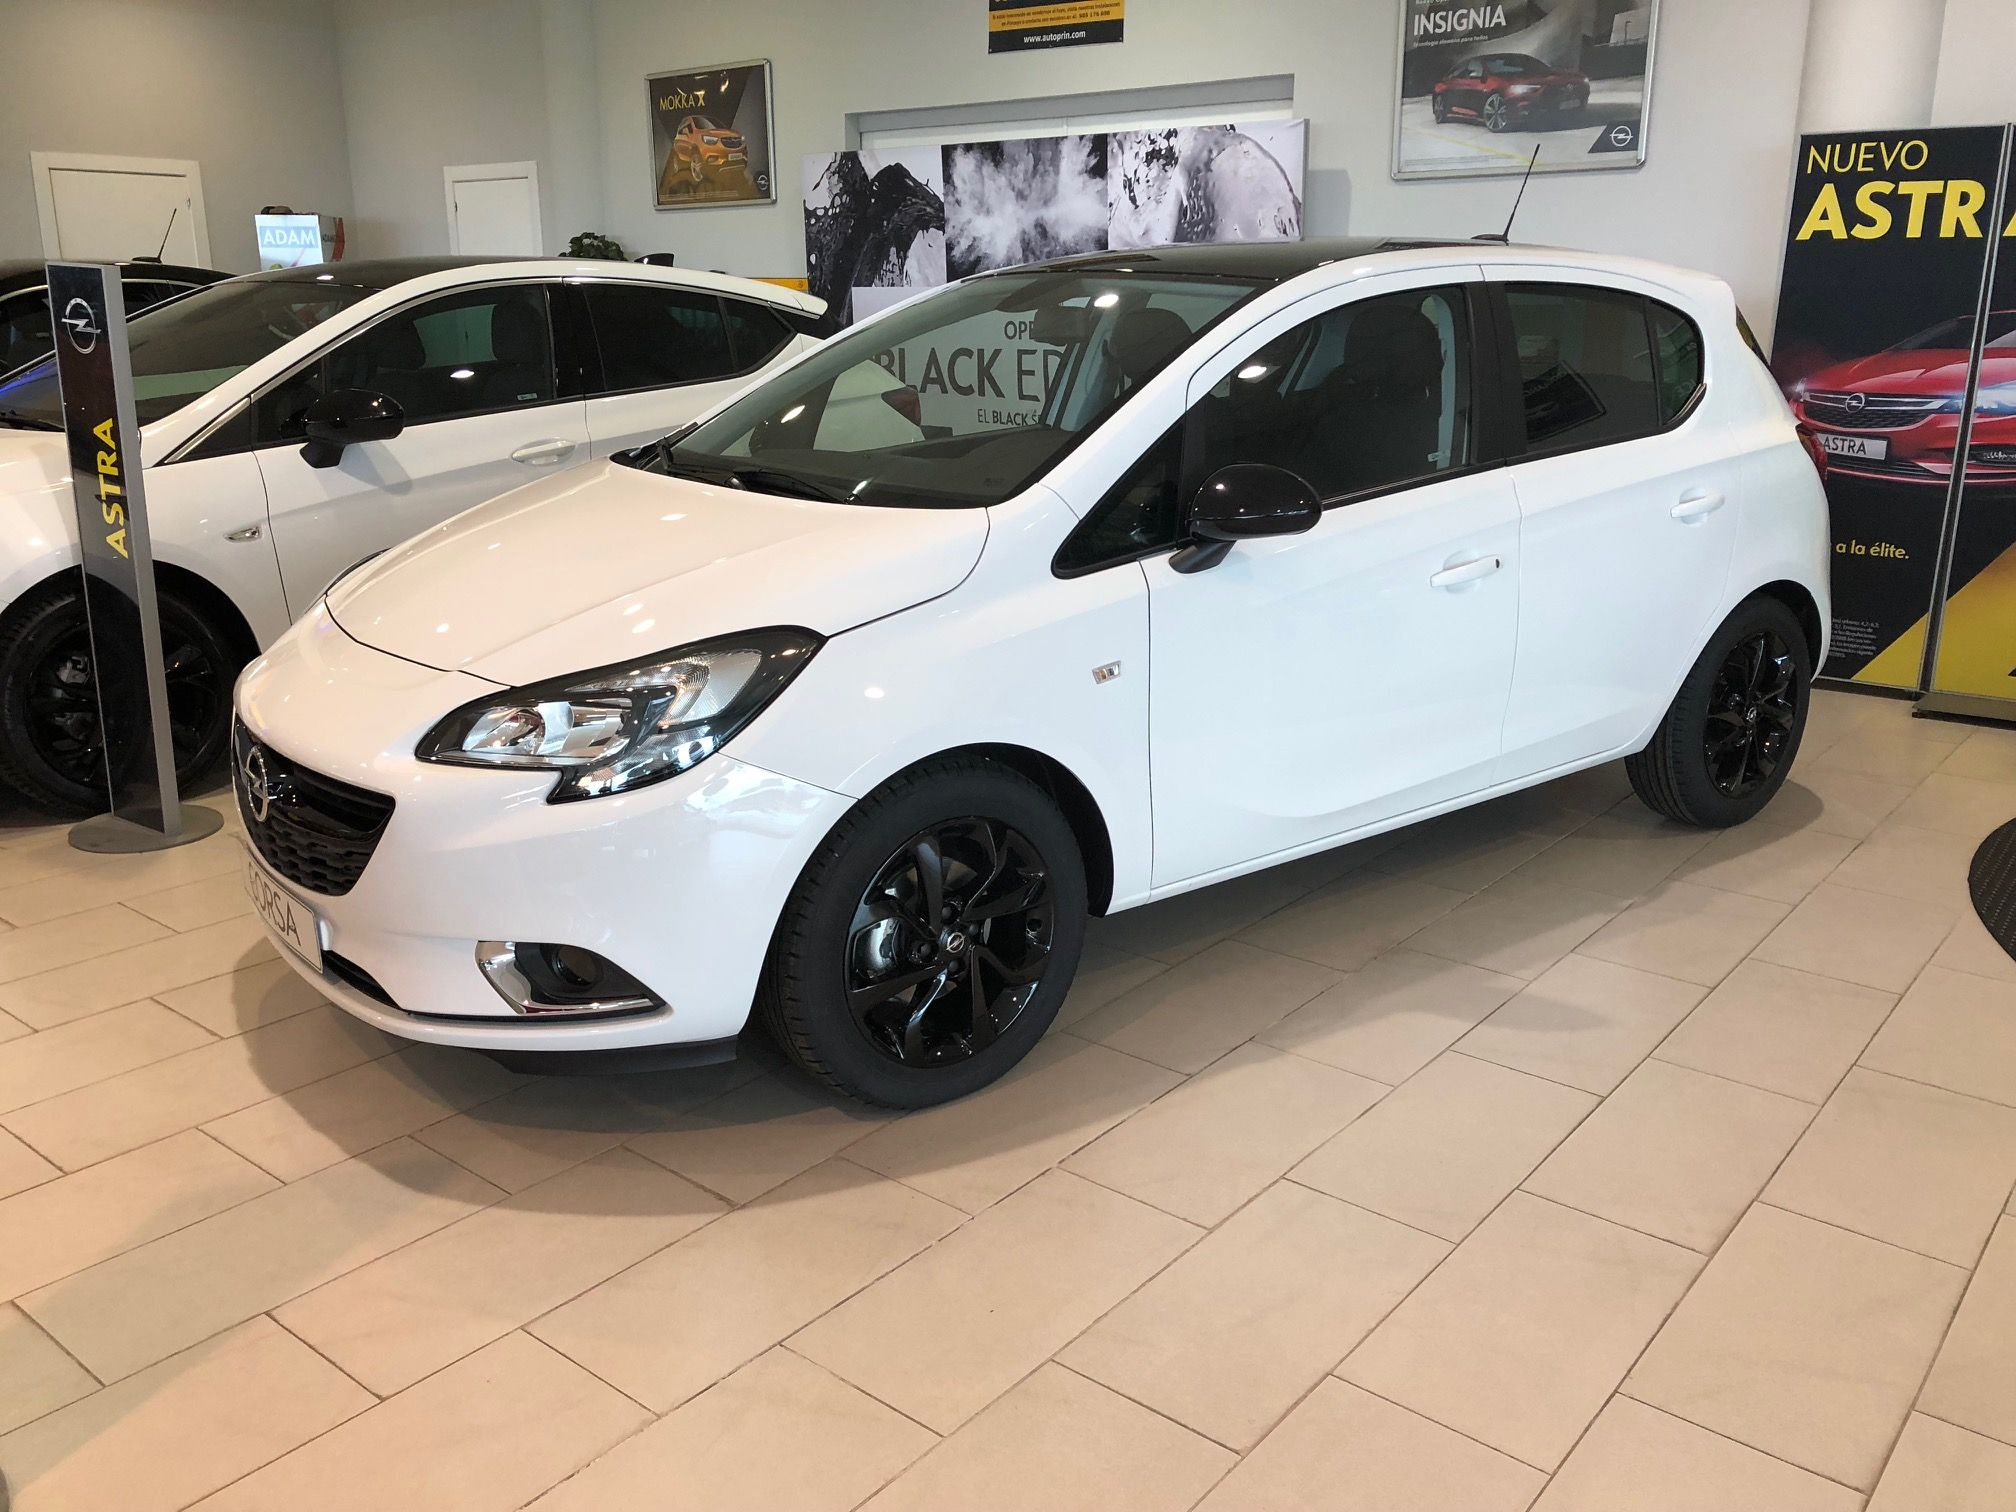 Opel Corsa 1.4 90CV por 6€/día